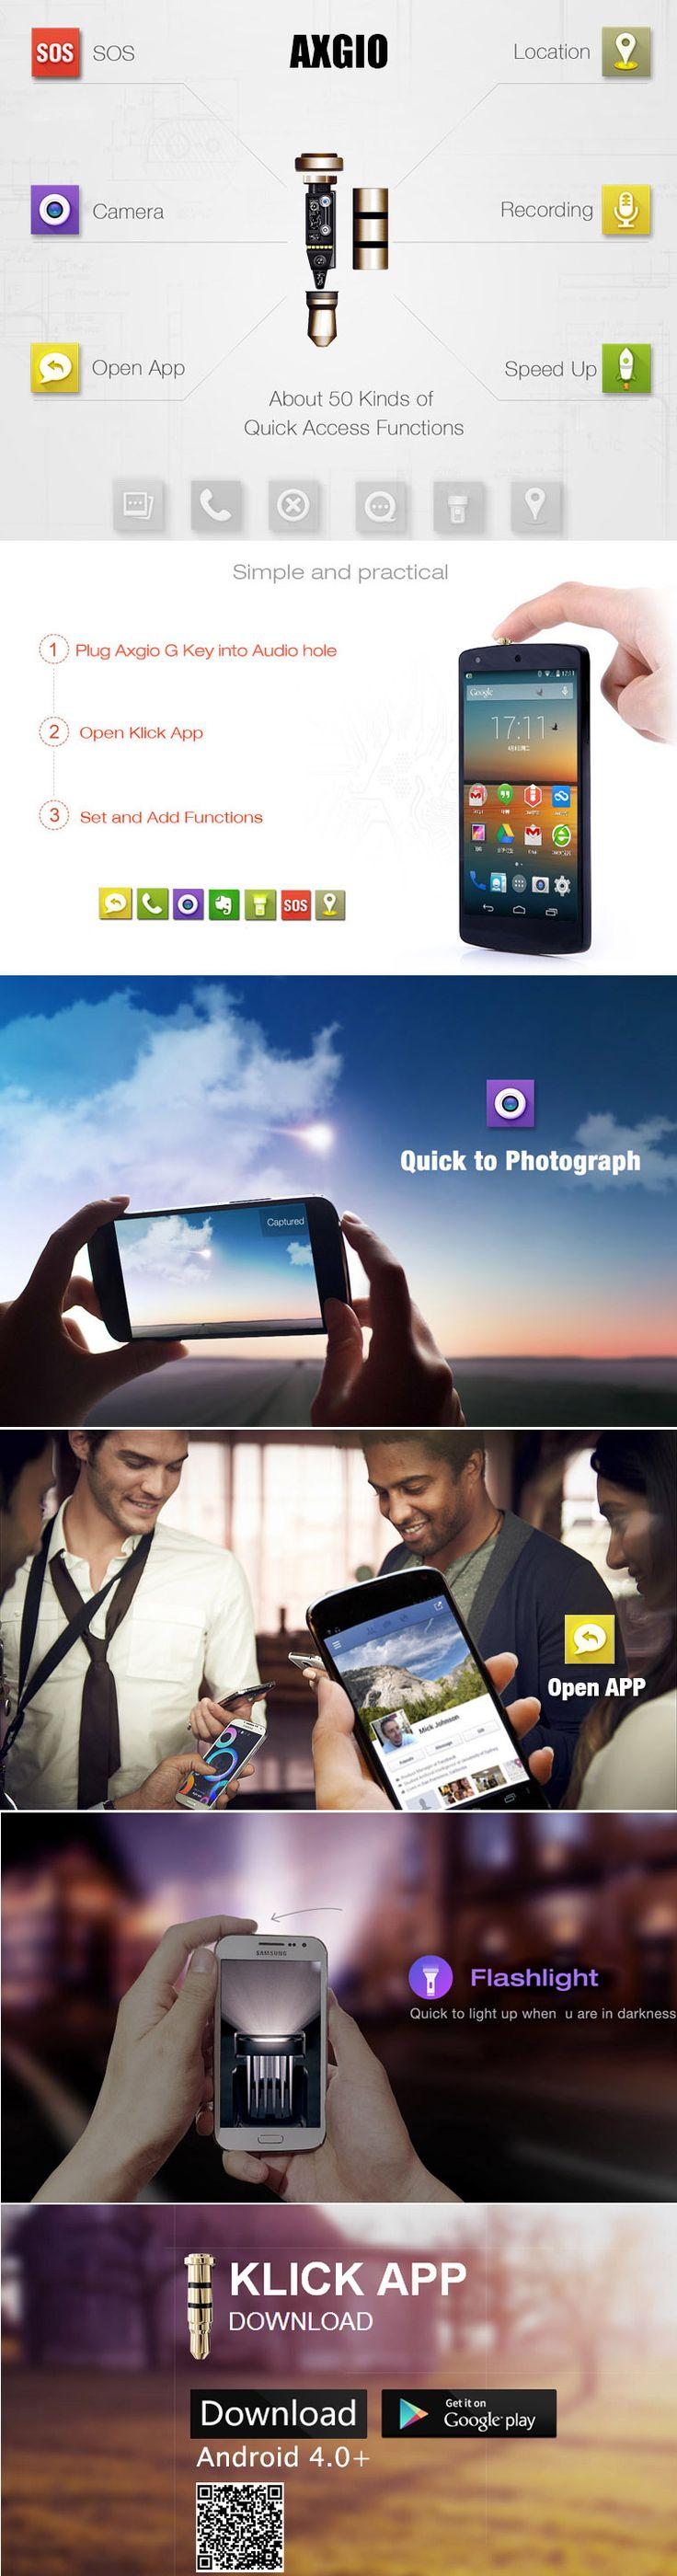 Купить AXGIO G Key 3.5mm Smart Klick Quick Button f Android 4.0+ Phone EPATH-319041 по низким ценам с характеристики и отзывы - TinyDeal Бренд Axgio G Key 3,5 смарт-кнопка быстрого Ярлык для съемки, оснастки, записи, открытия приложения и т.д. Творческий и умный нажатие кнопки Может использоваться в качестве пылезащитной пробкой С наушников Зажим для провода , удобно носить Поддержка часть телефонов Android 4.0+